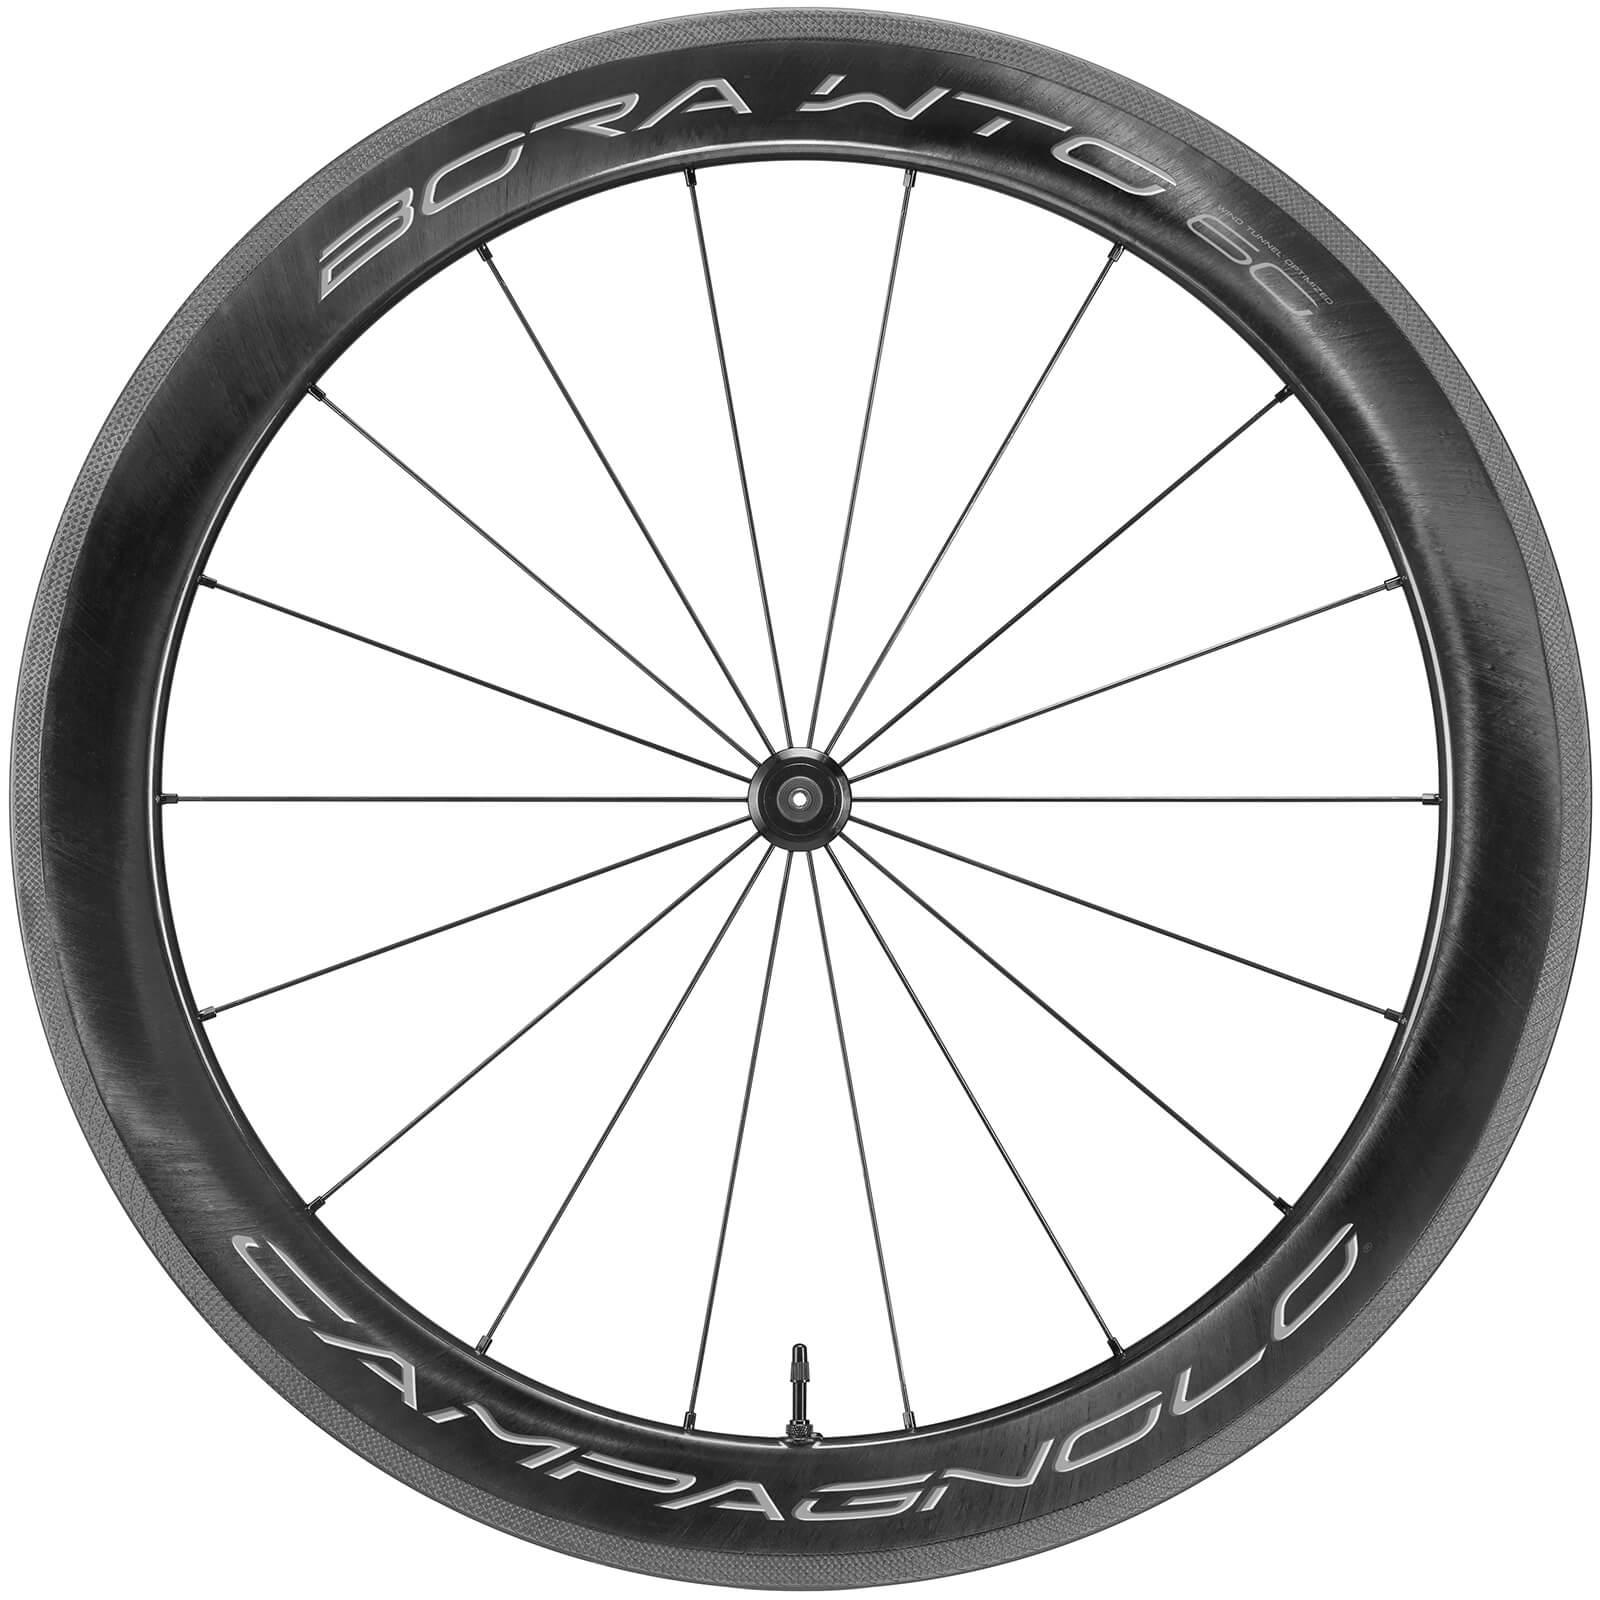 Campagnolo Bora WTO 60 Carbon Clincher Wheelset - Shimano/SRAM  - Bright Label